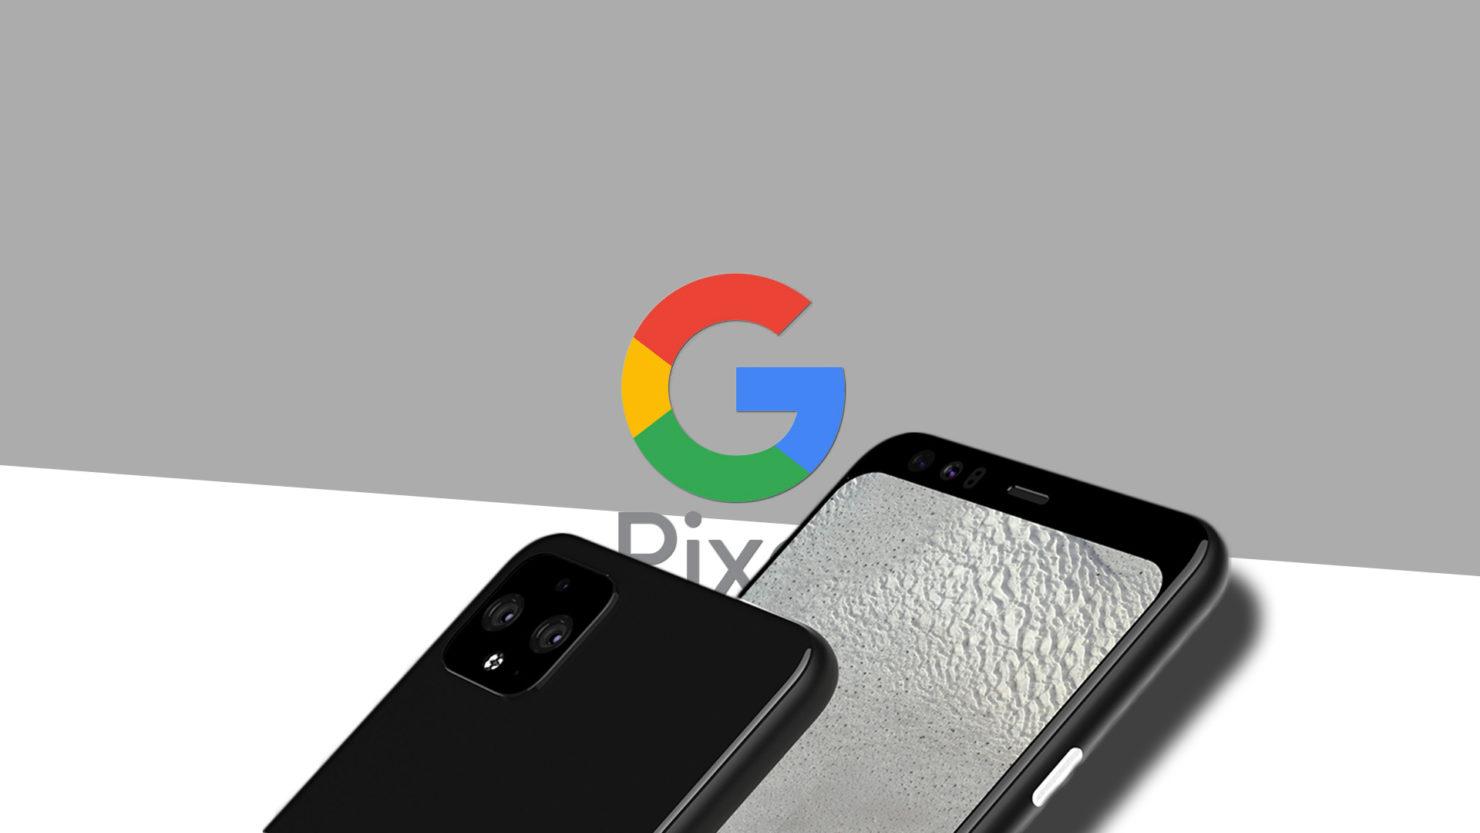 Pixel-4-google-ramme-lekkasje